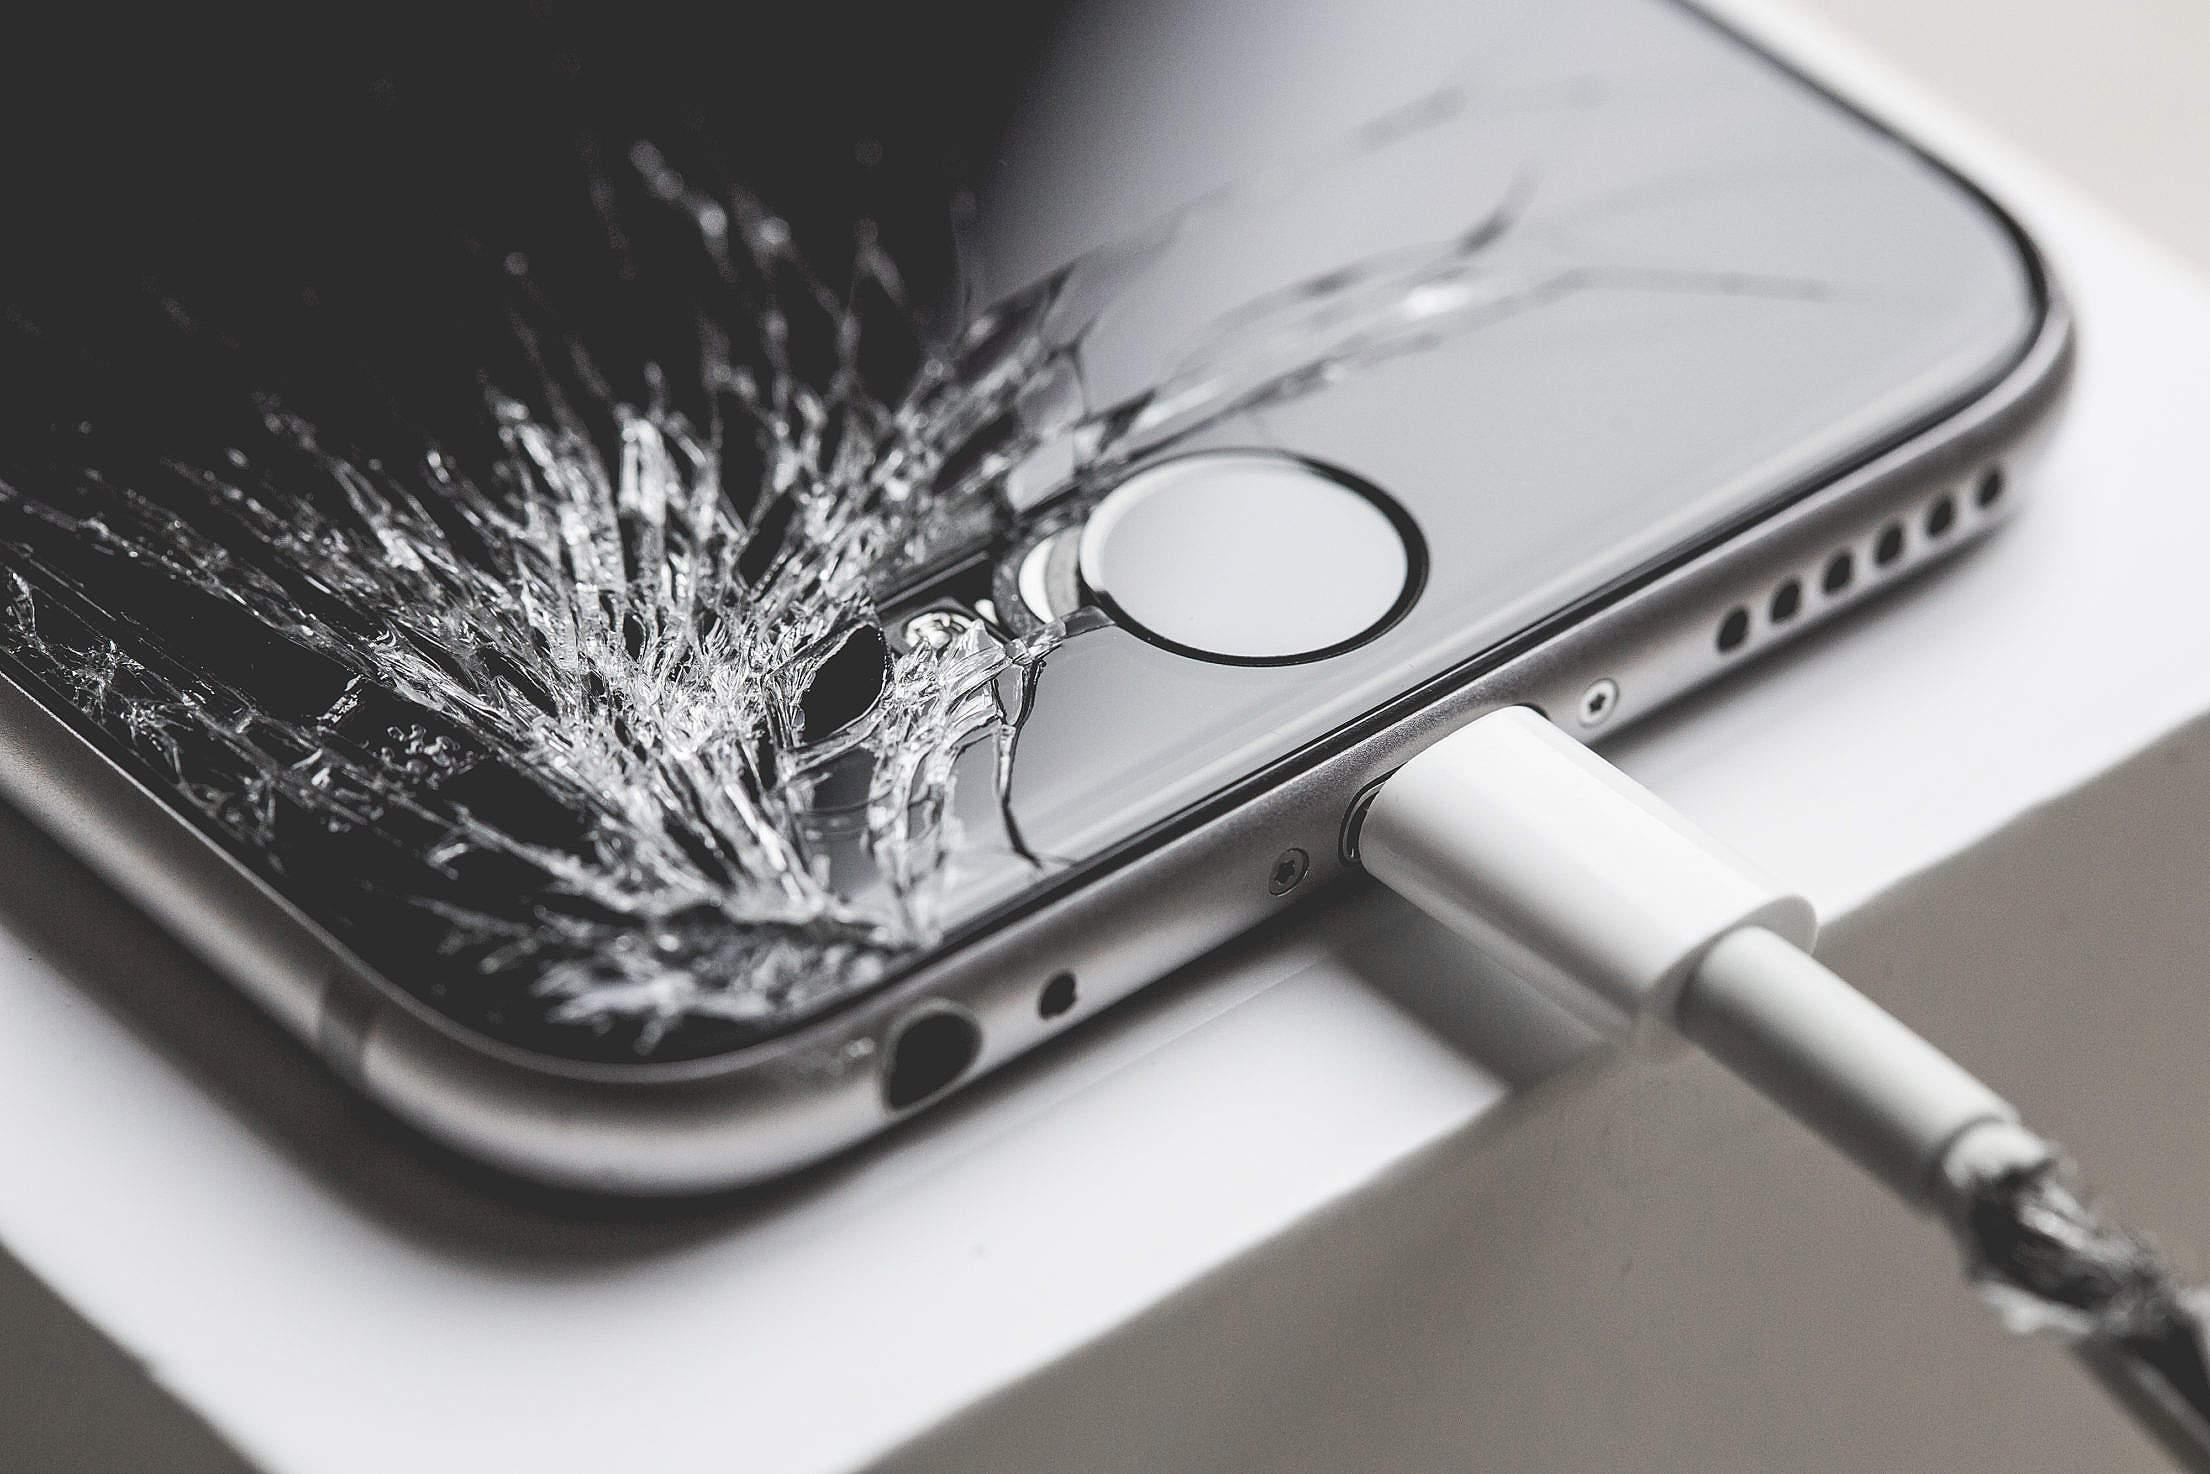 苹果和换机党们的「灰色产业」战争:从未停止过